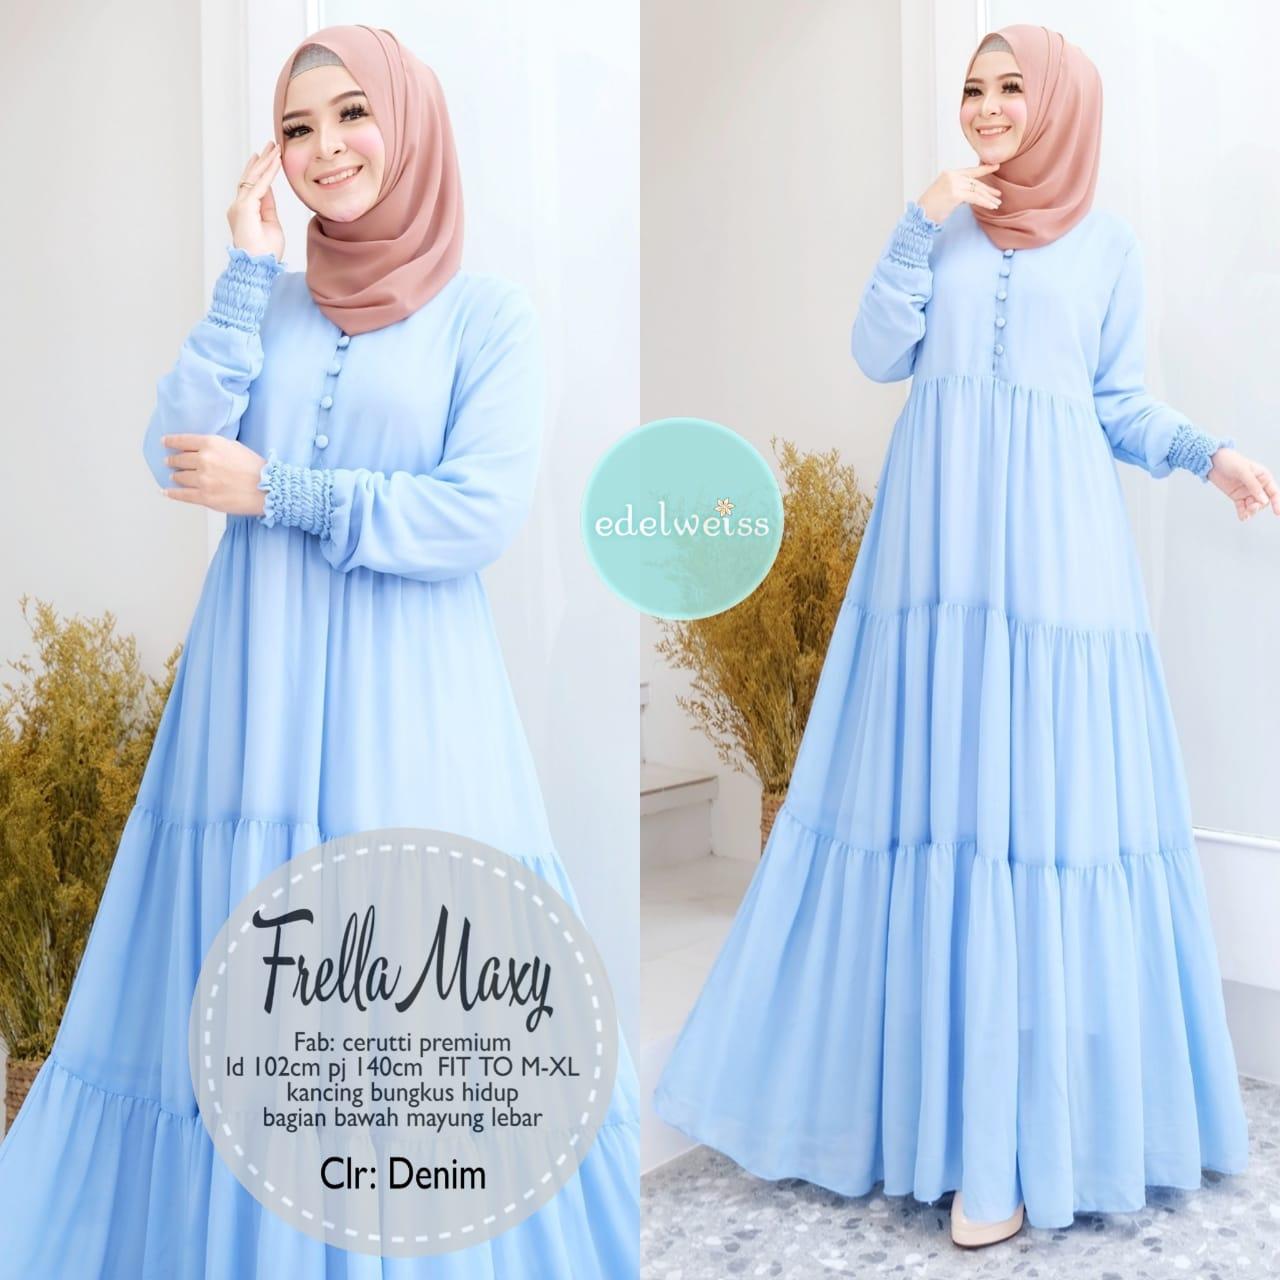 COD Realpict Gamis Frella Maxy Ceruti Premium  Gamis Batik Brokat Muslimah  Syari Terbaru  Model Gamis Batik Polos & Kombinasi Terbaru